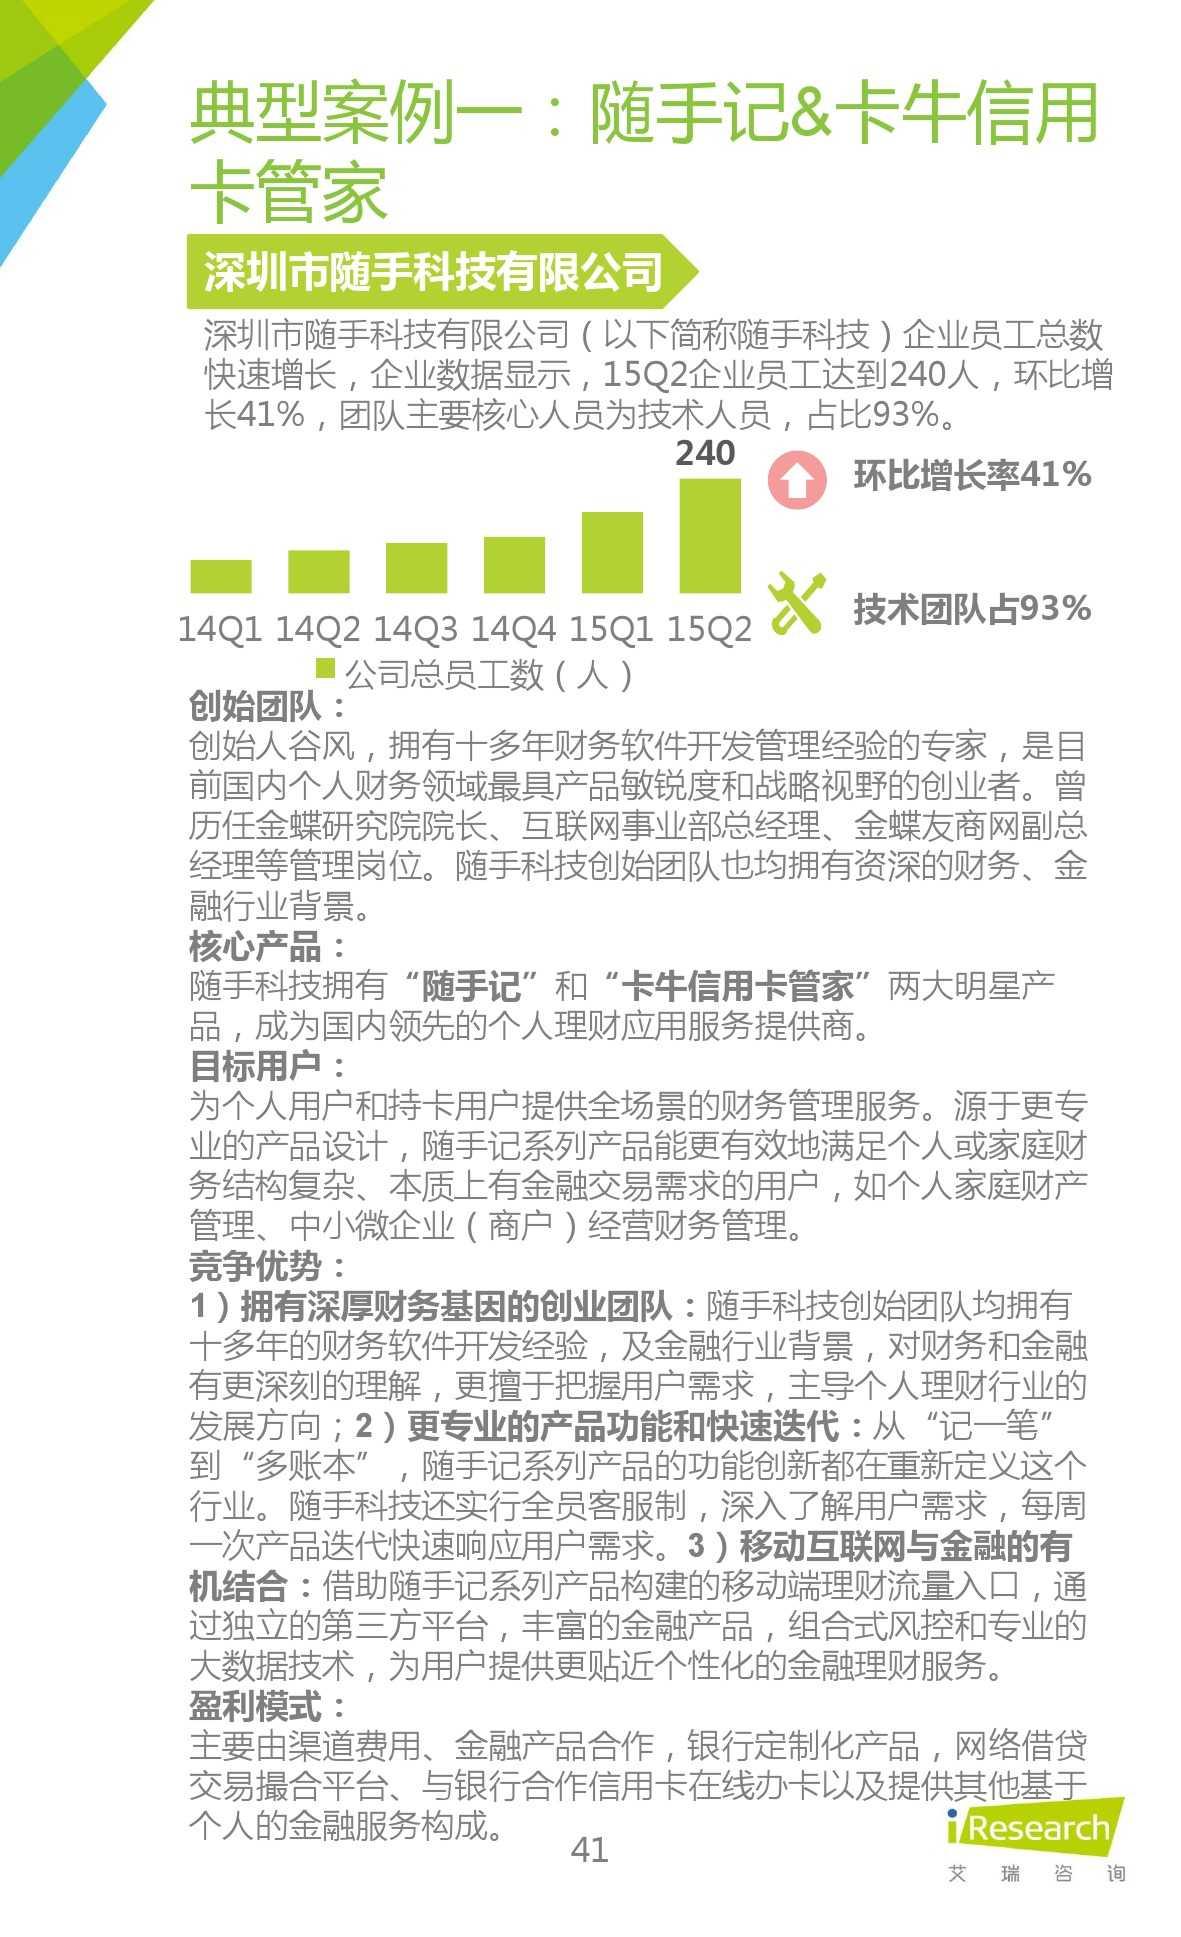 2015年中国生活理财移动App行业研究报告_000041